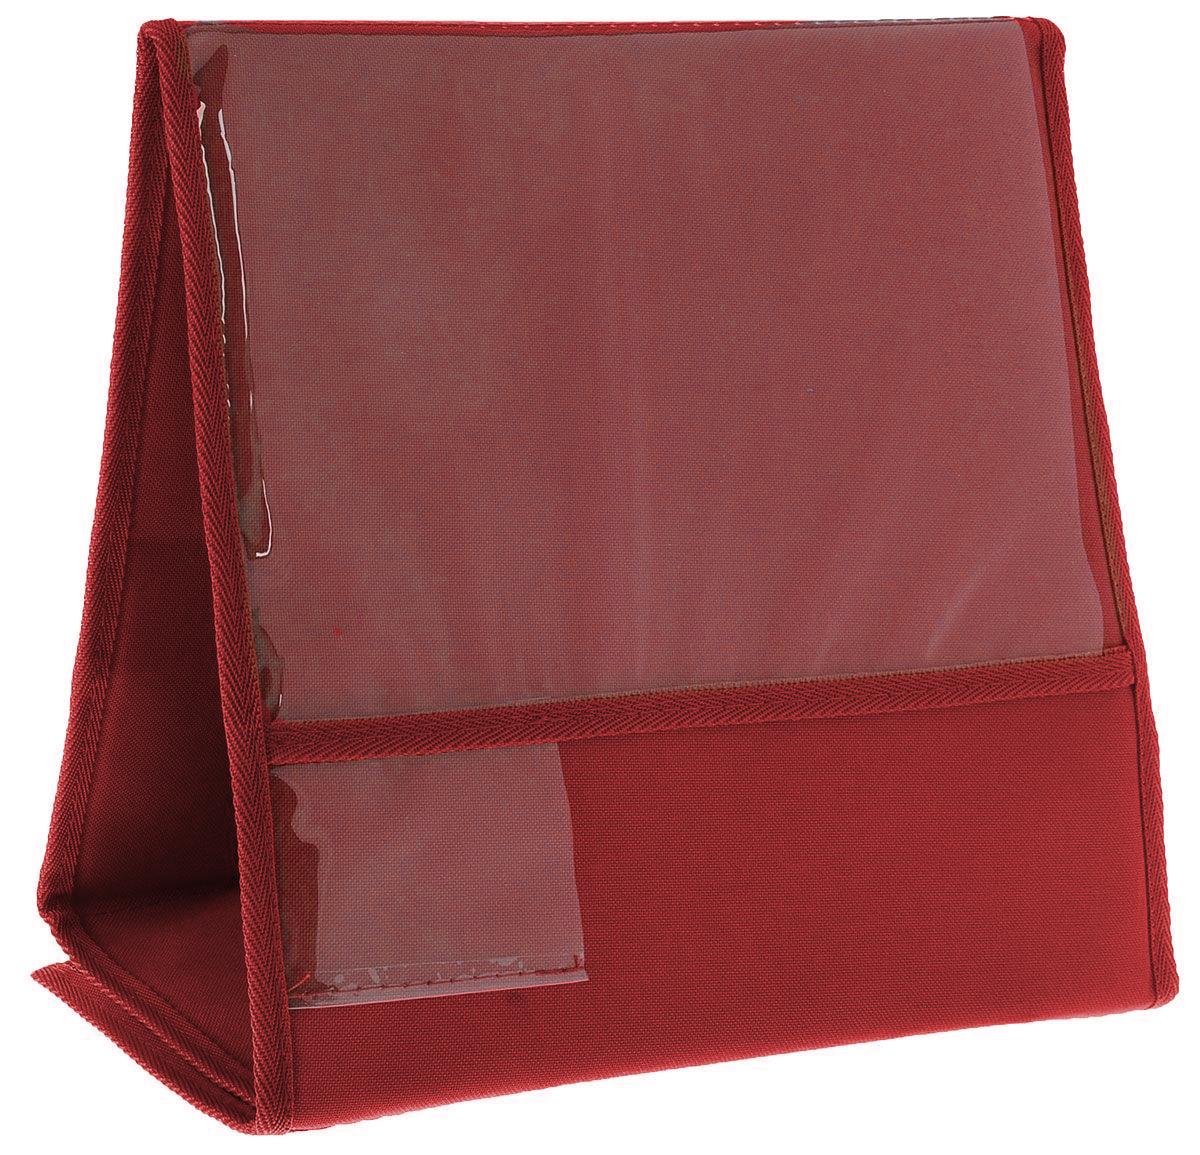 Табличка для животных  Заря-Плюс , выставочная, цвет: красный, 33 х 16 х 31 см - Клетки, вольеры, будки